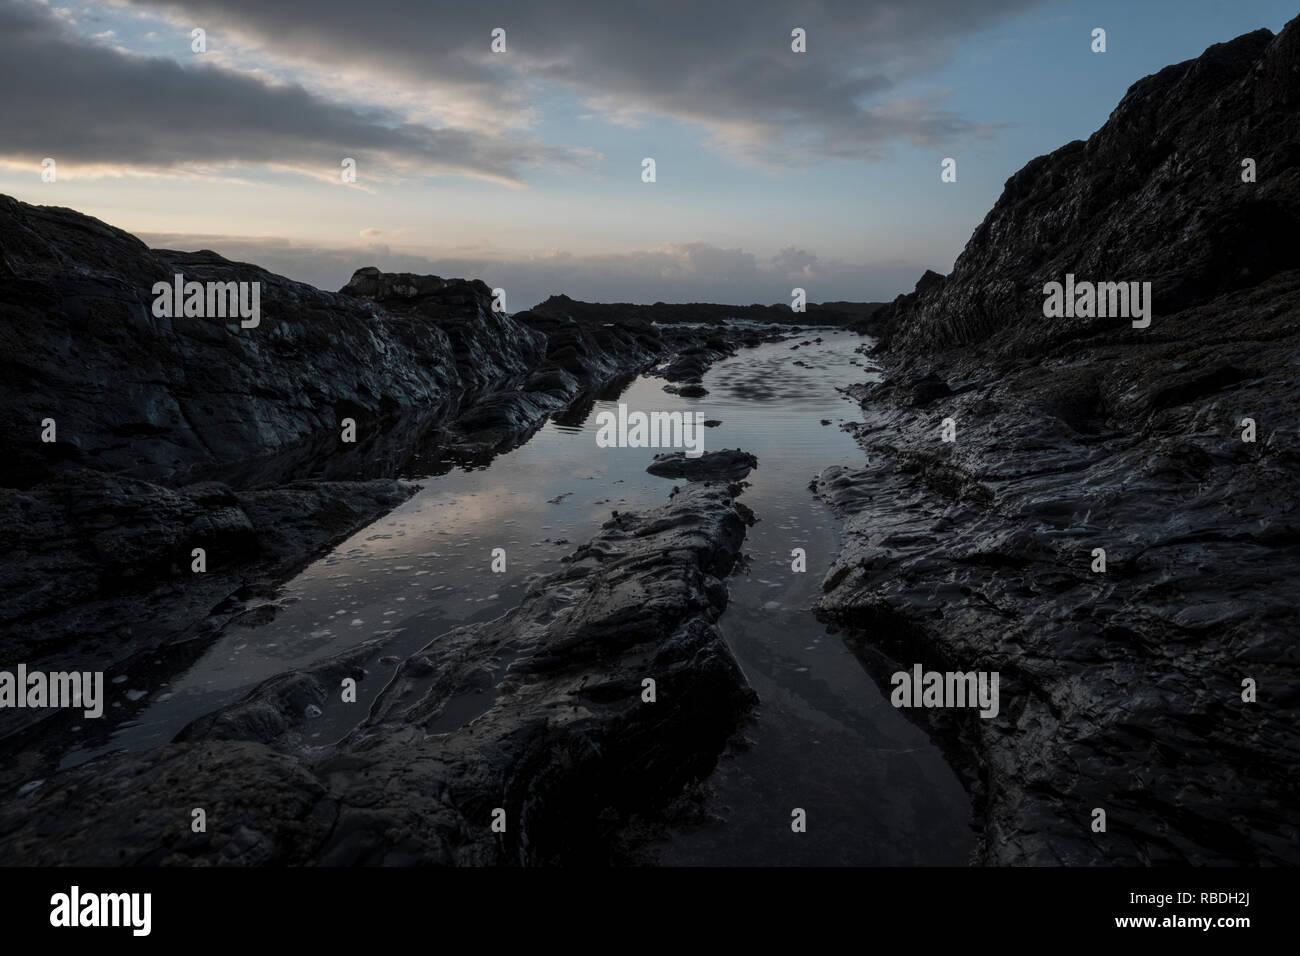 Alentejo, Portugal - 24 de febrero de 2016: El diseño de la playa Amoreira rockly Imagen De Stock